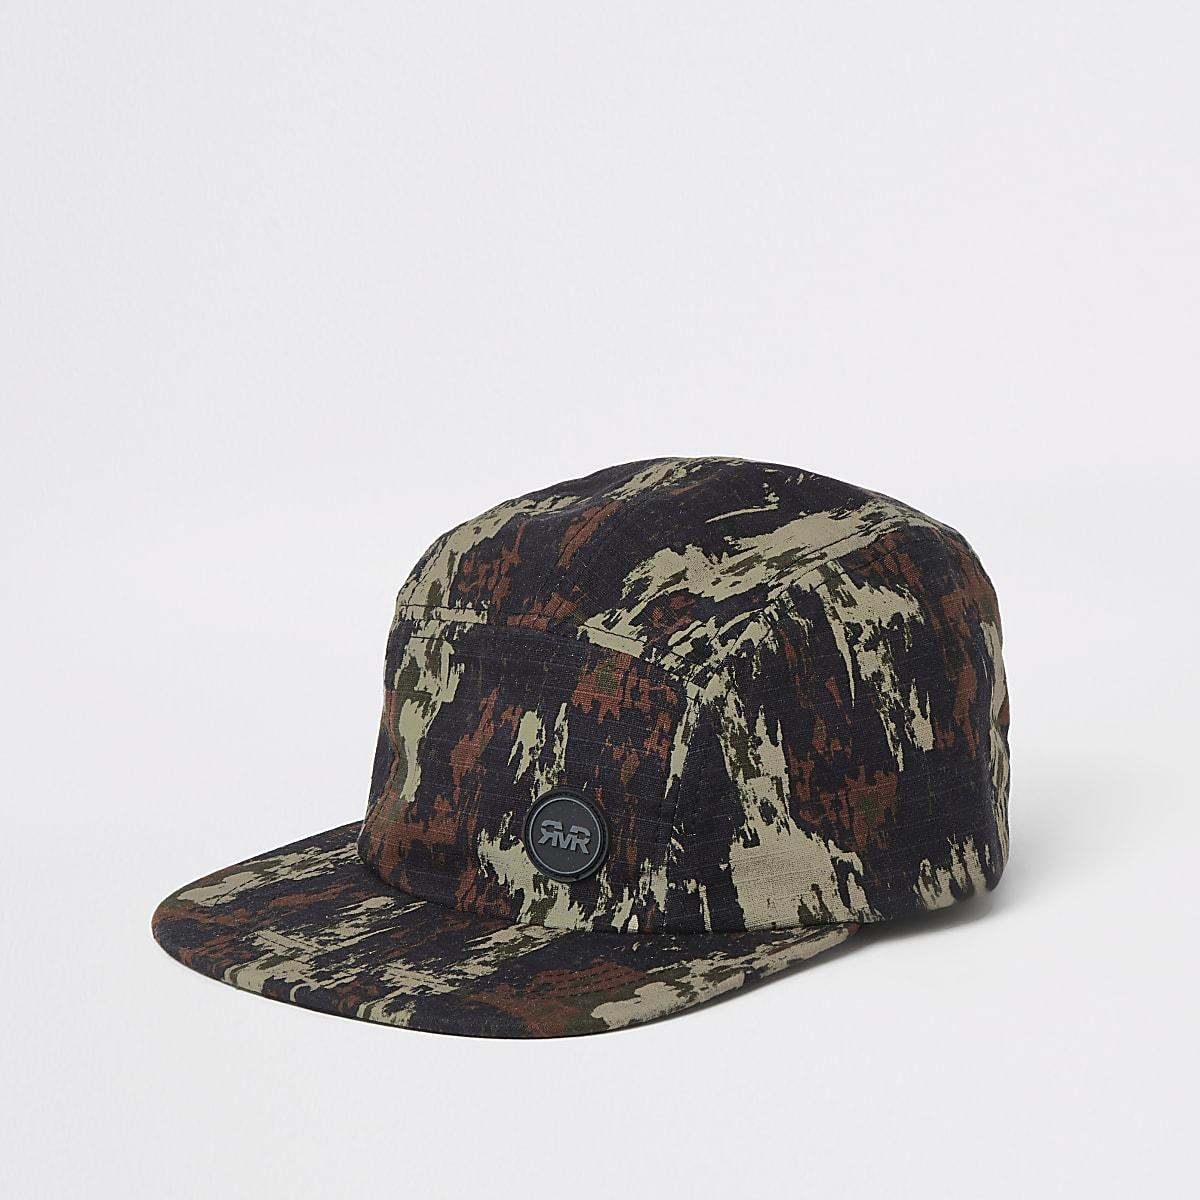 Khaki camo print cap